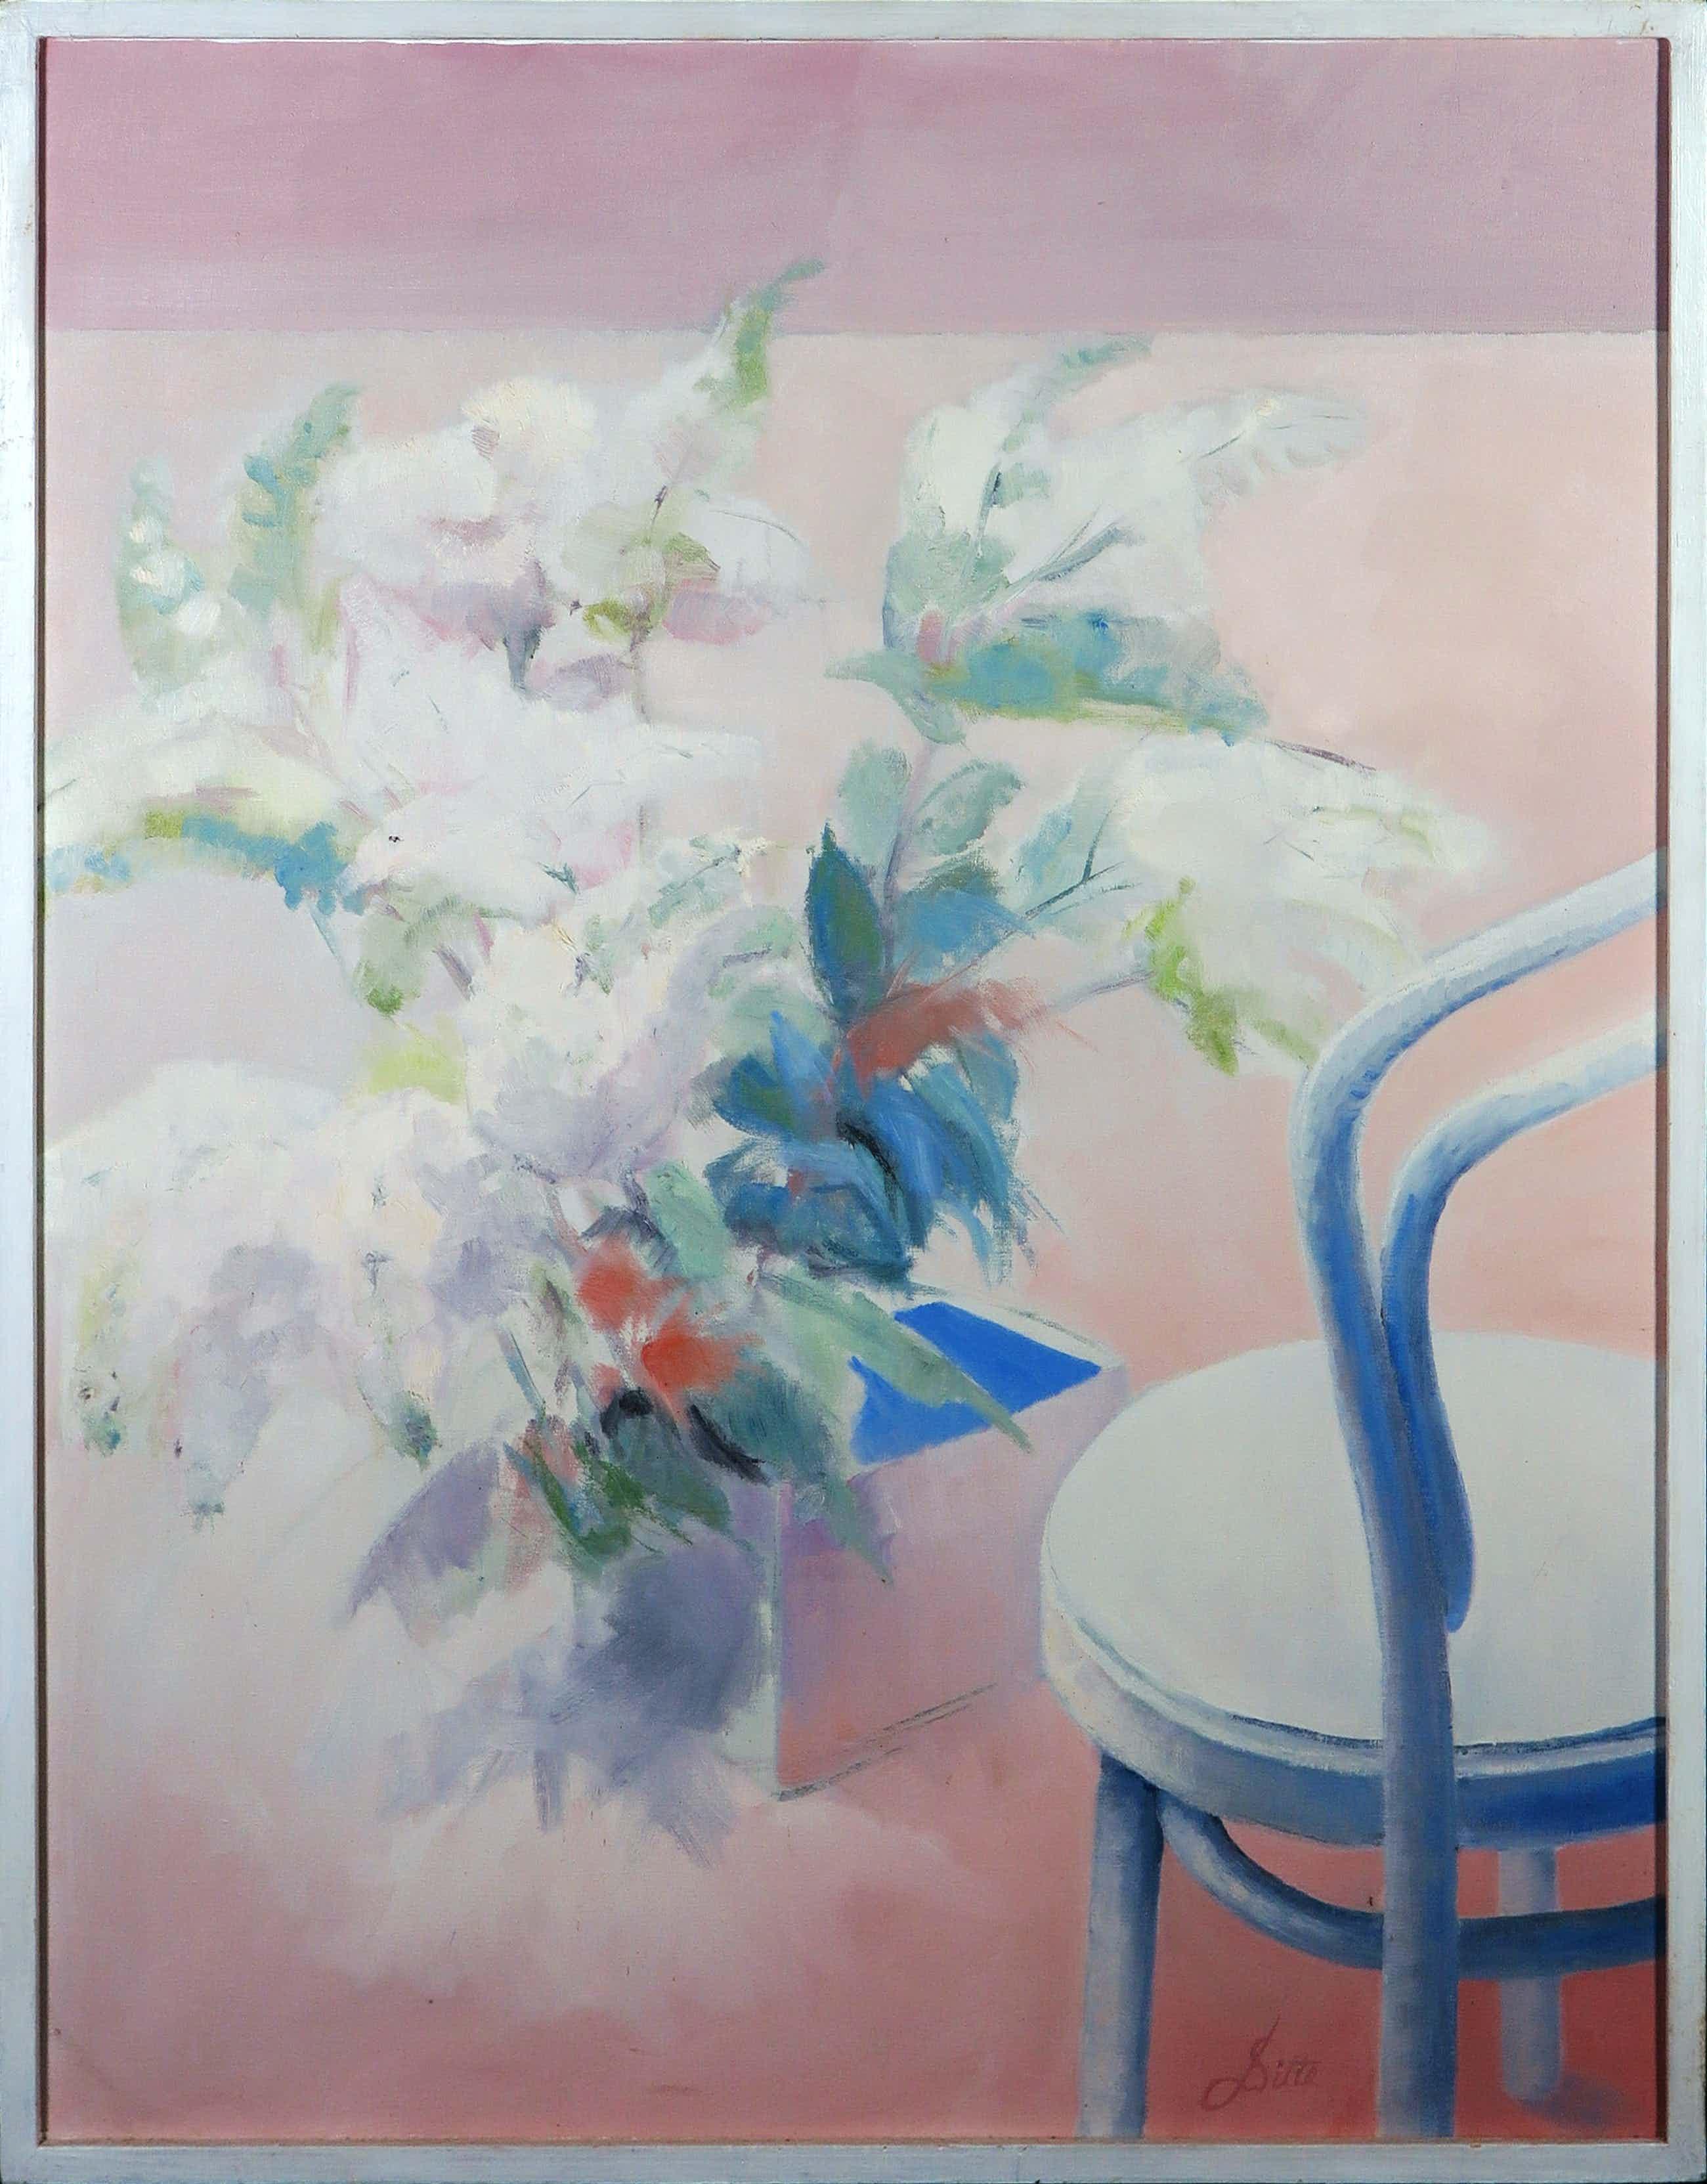 Franscz Witte - Acryl op doek, Verliefde bloemen- Ingelijst kopen? Bied vanaf 35!